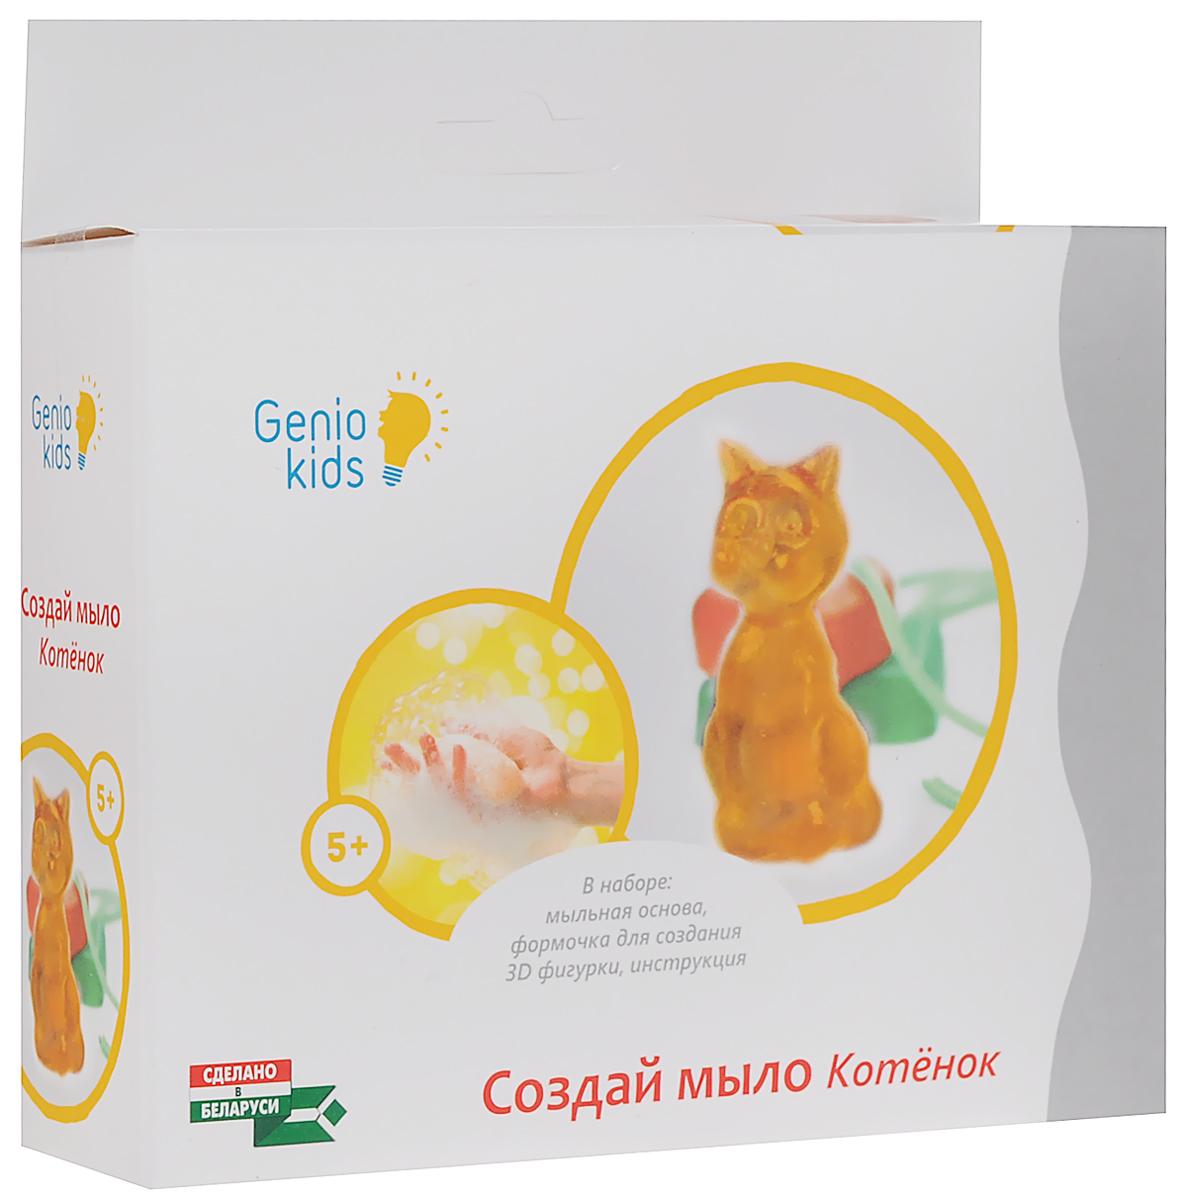 Genio Kids Набор для детского творчества Фабрика мыловарения Котенок